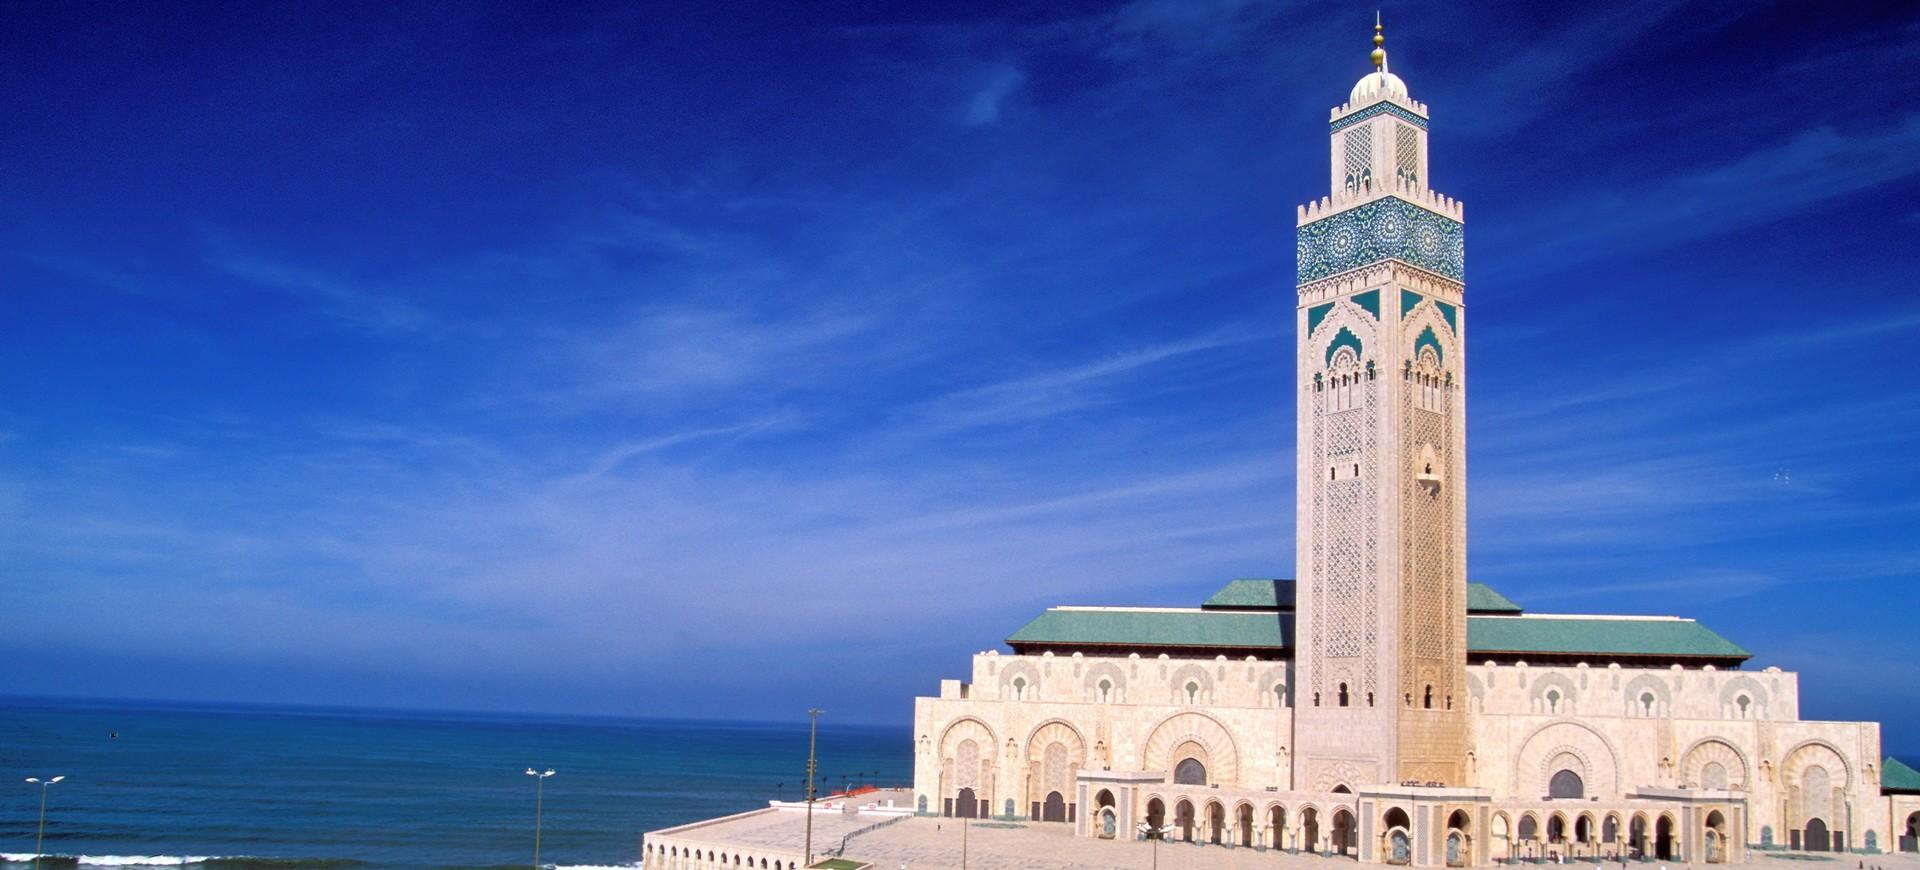 Mosquée Hassan II à Casablanca au Maroc